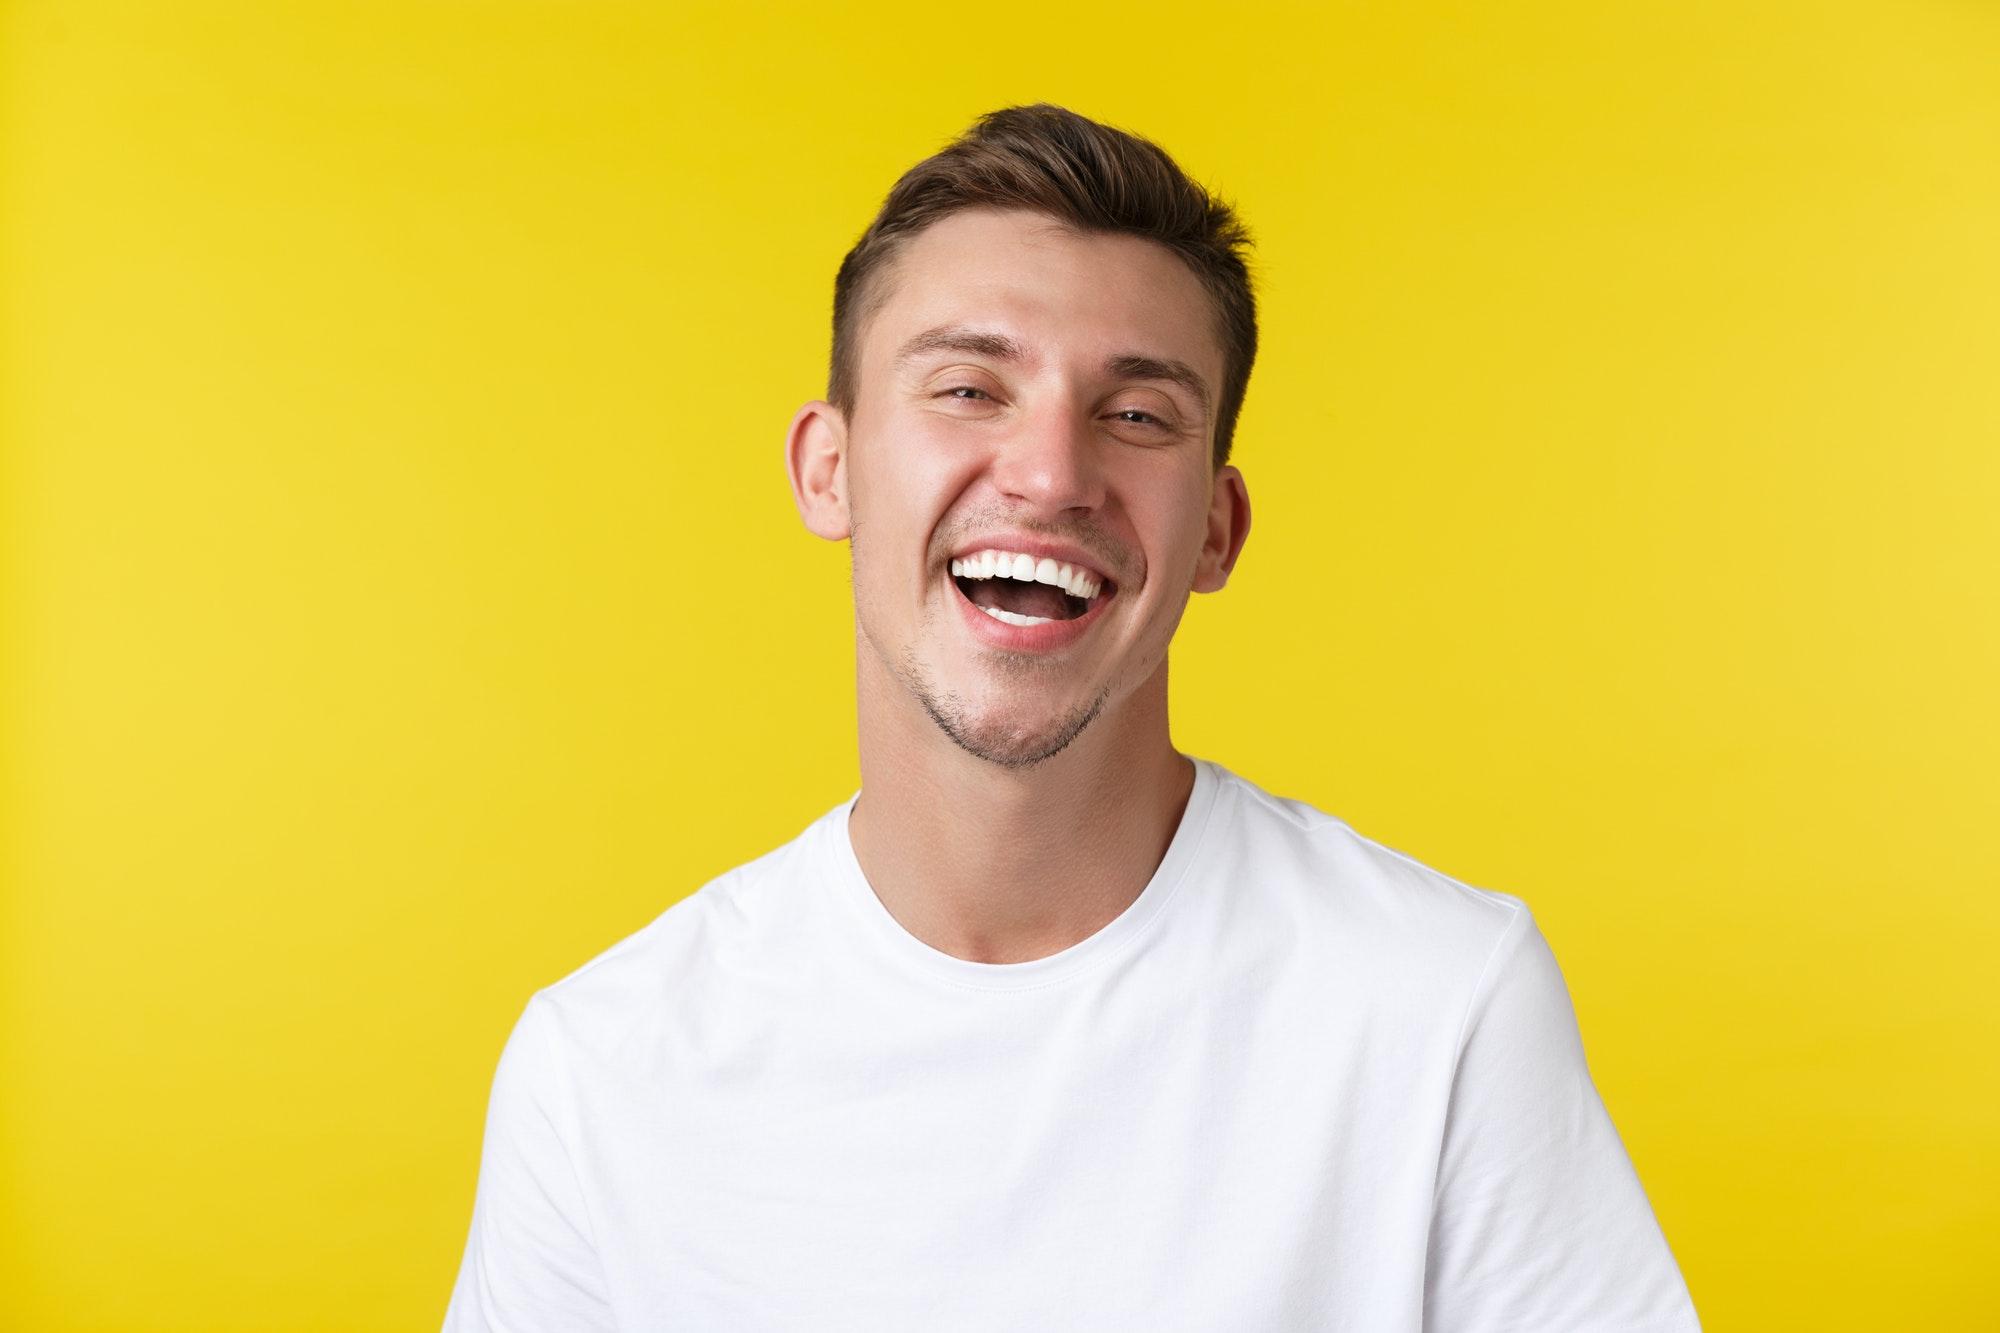 homme heureux et souriant sur fond jaune